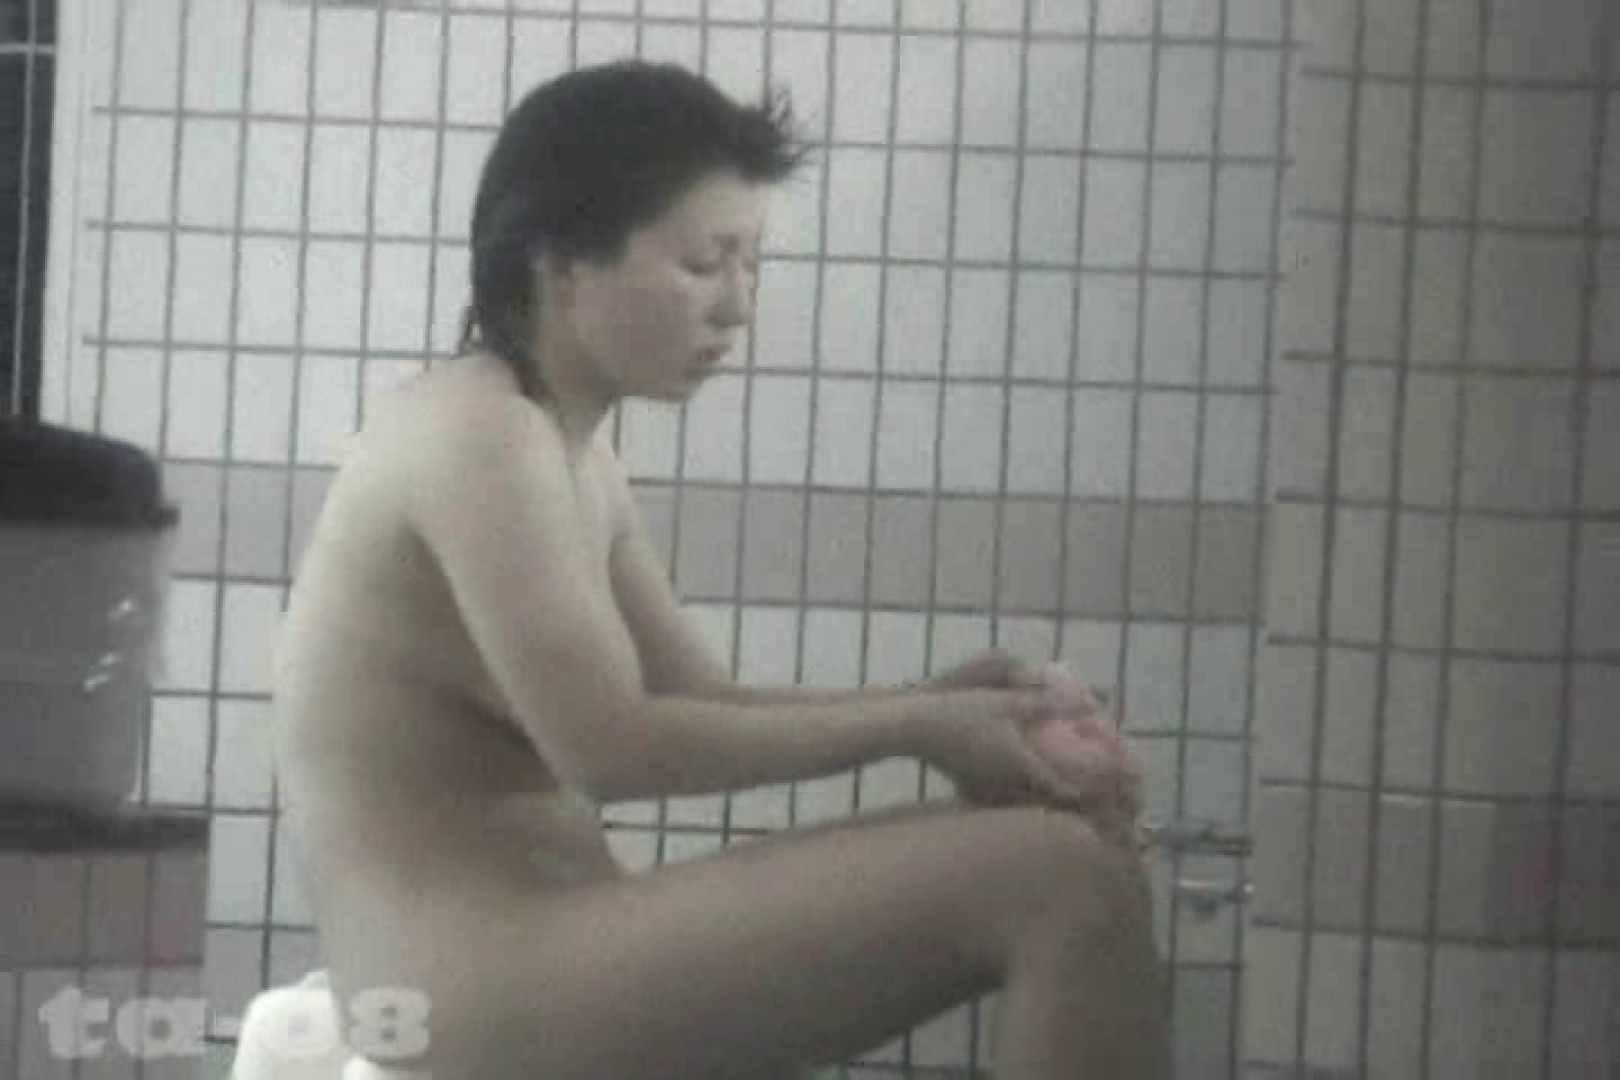 合宿ホテル女風呂盗撮高画質版 Vol.08 盗撮で悶絶 | 高画質  90画像 51